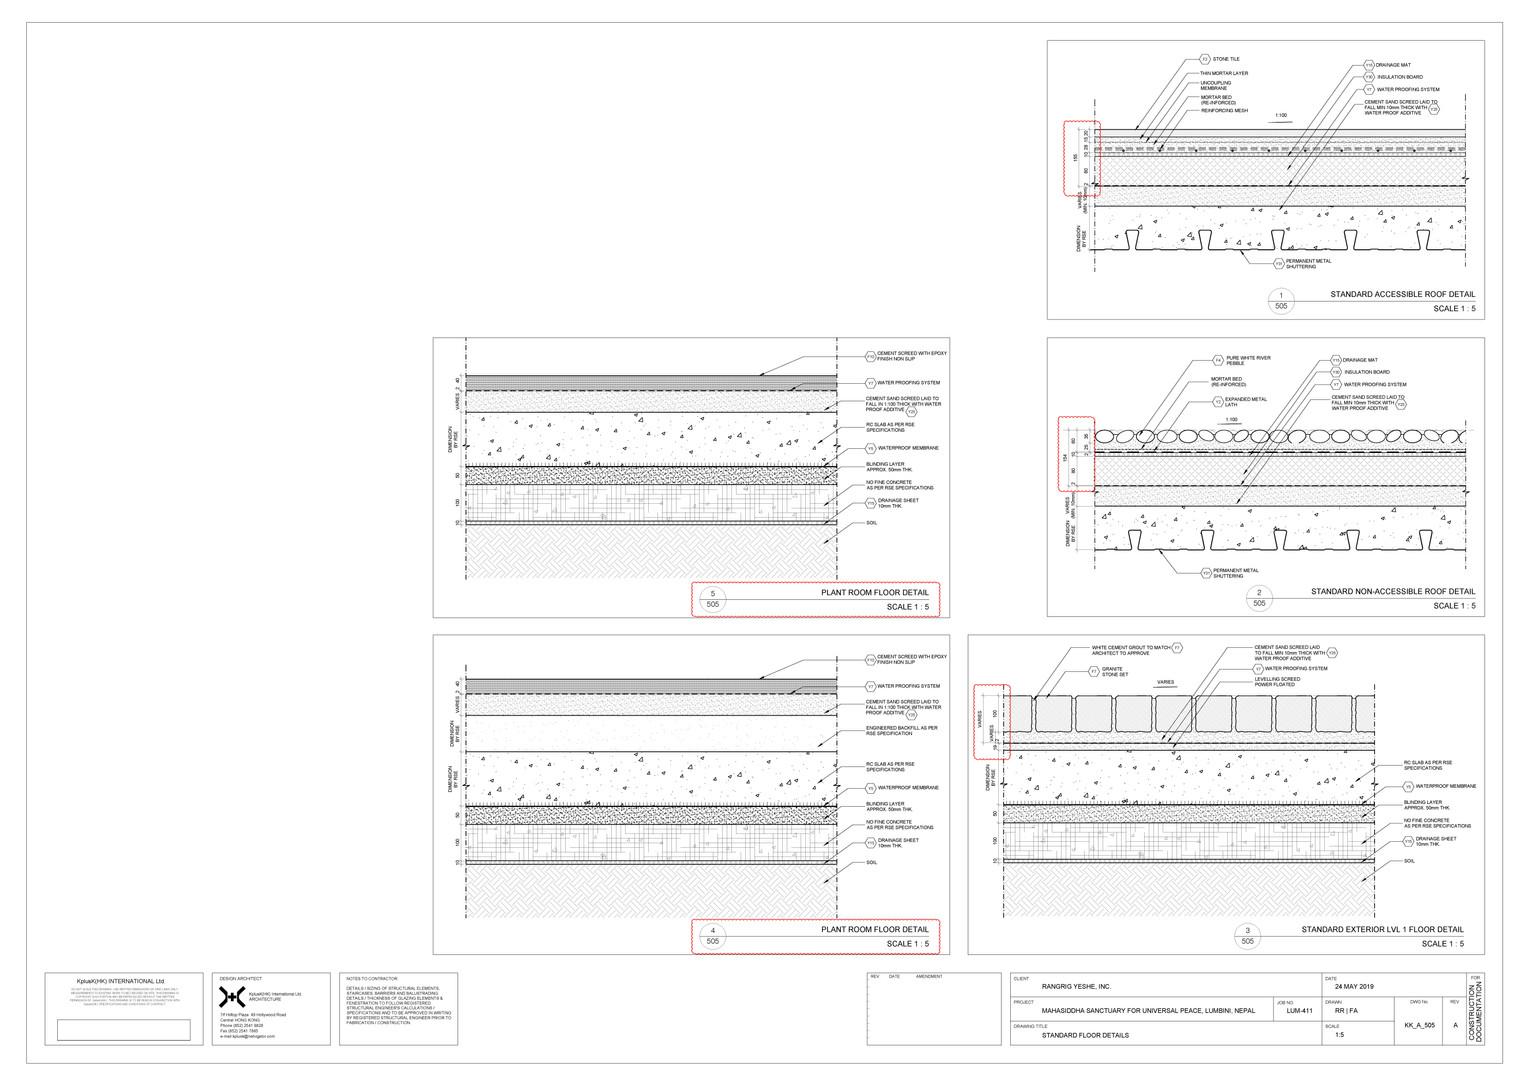 KK_A_505-Rev_A Standard Floor Details.jp